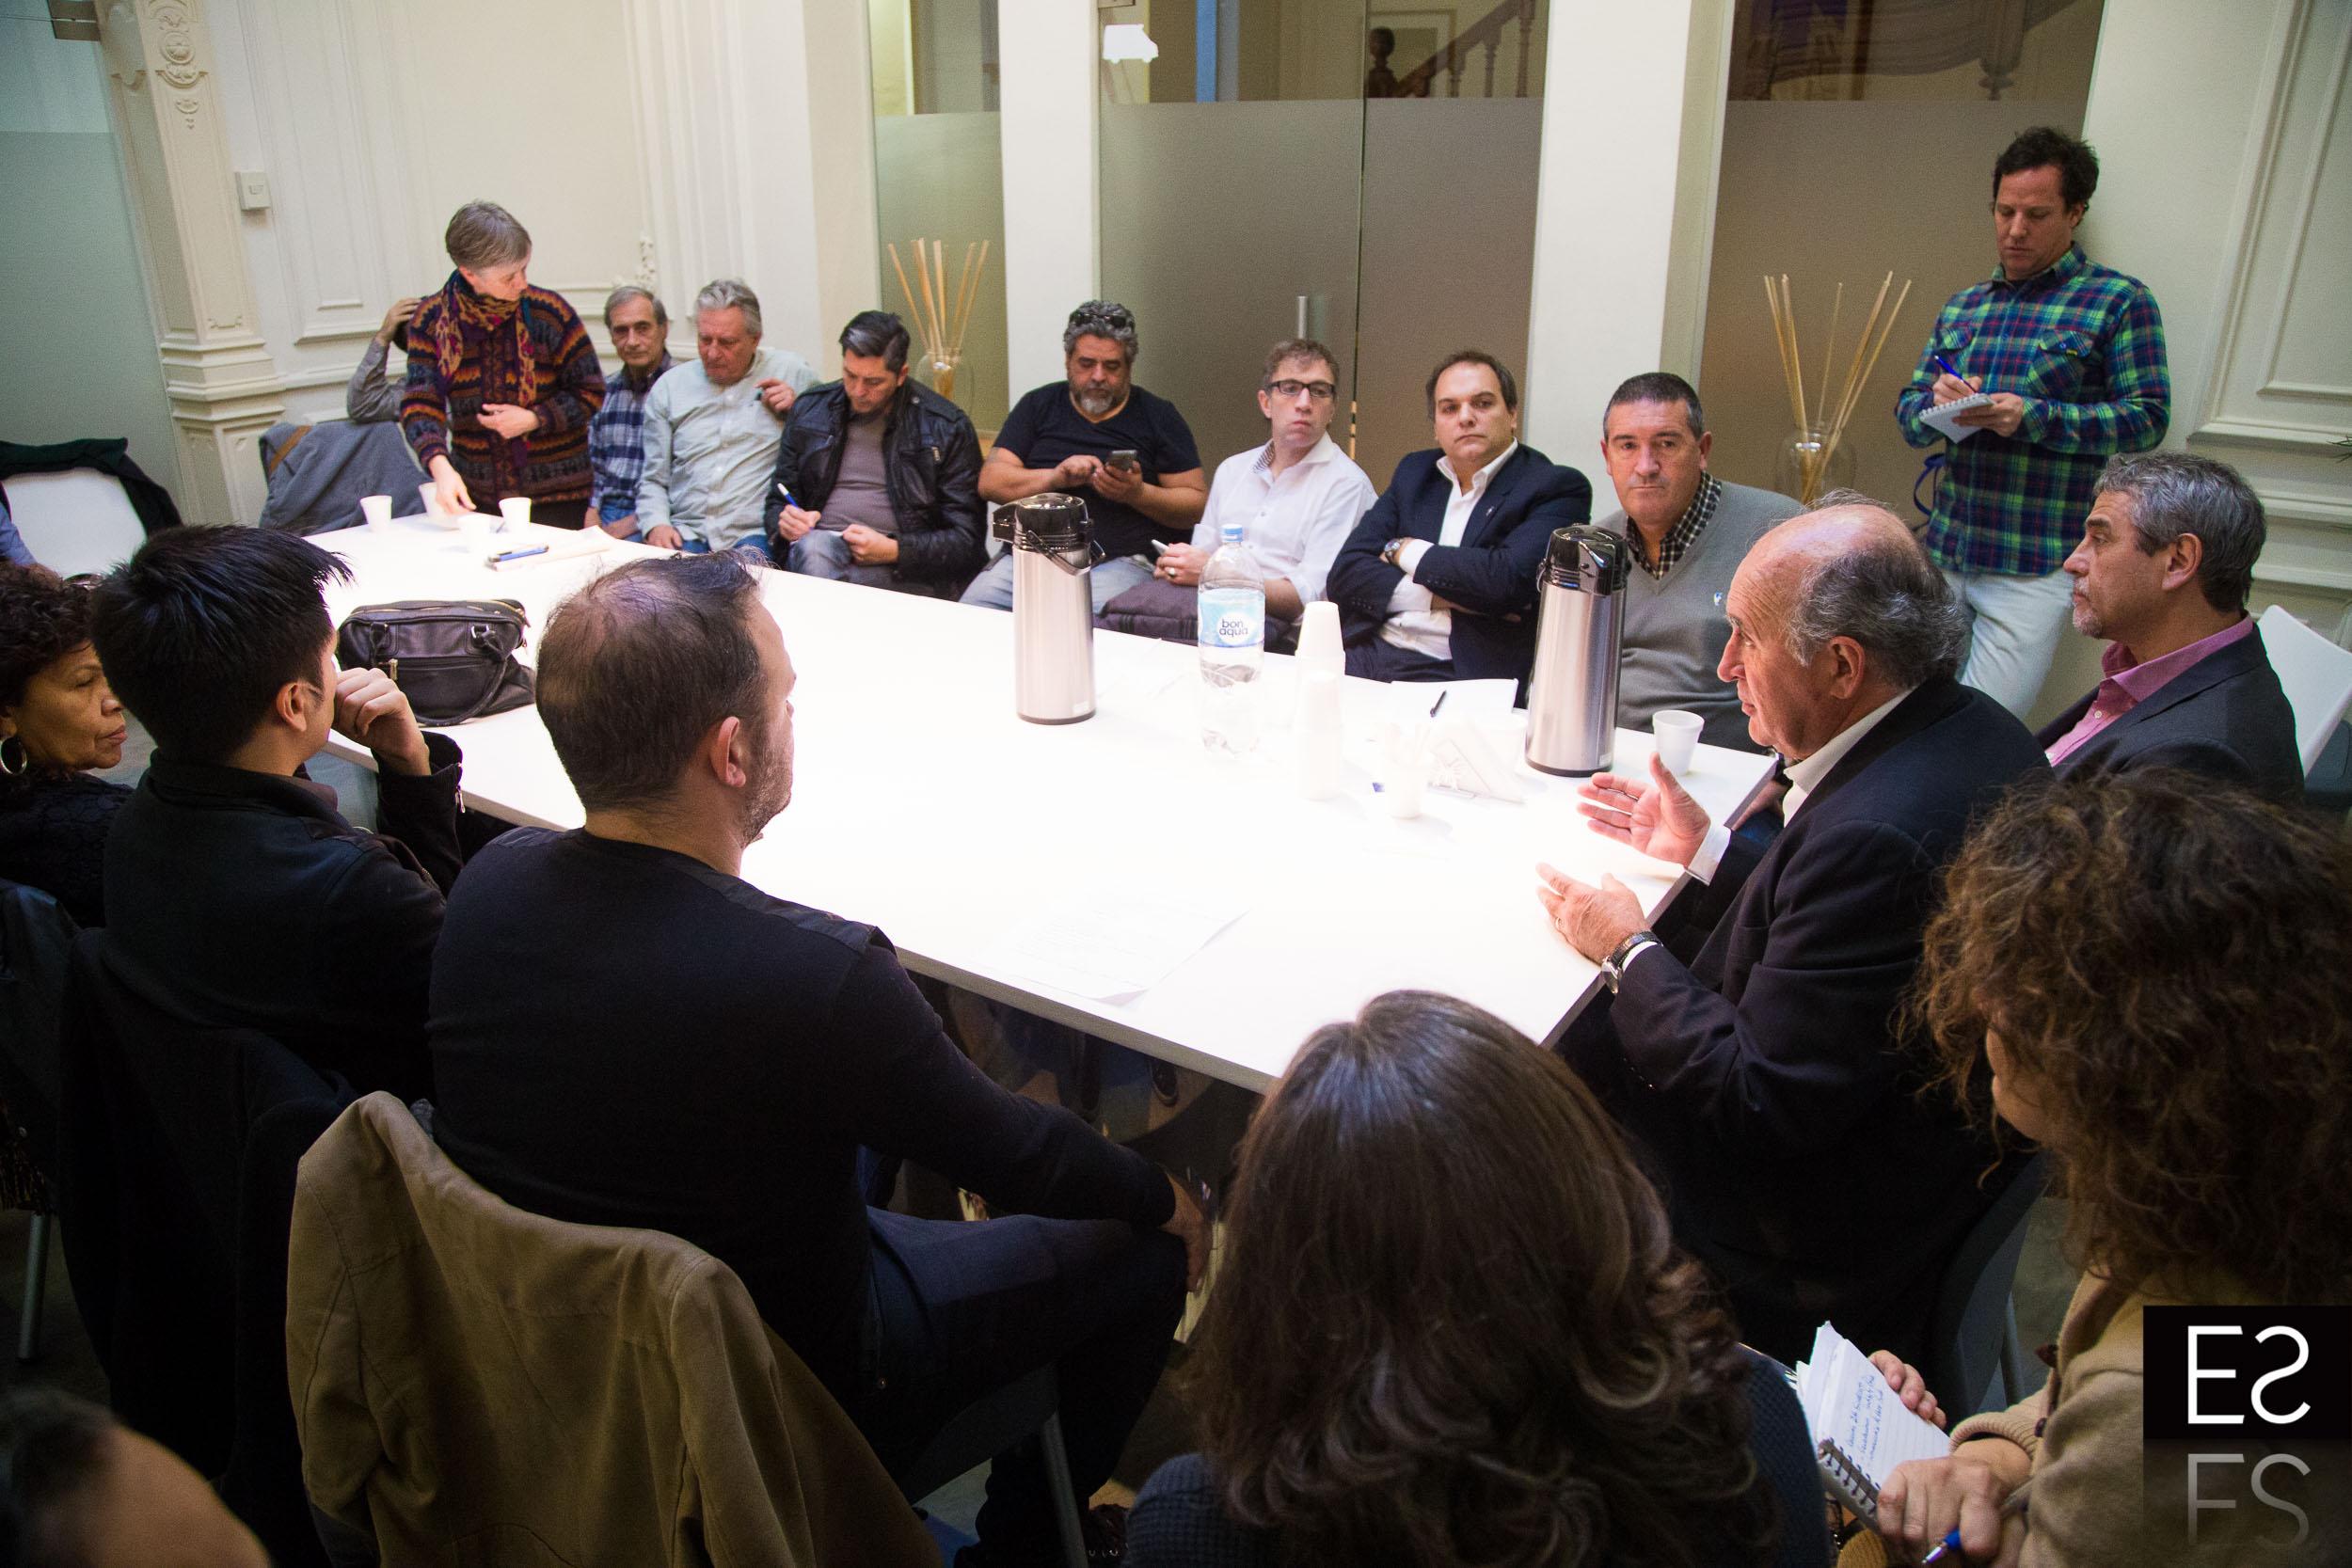 Referentes del Instituto PATRIA y dirigentes sindicales acordaron una agenda conjunta sobre Derechos Humanos